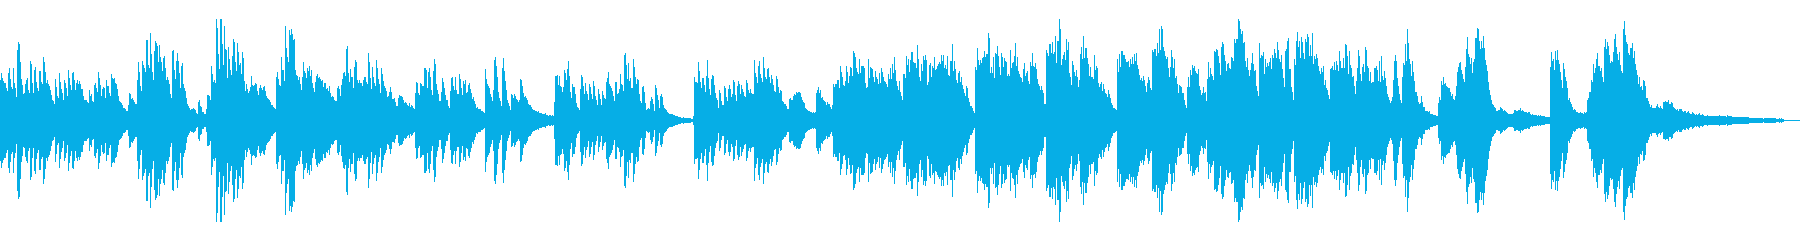 切ない/静かな和風曲13-ピアノソロ の再生済みの波形